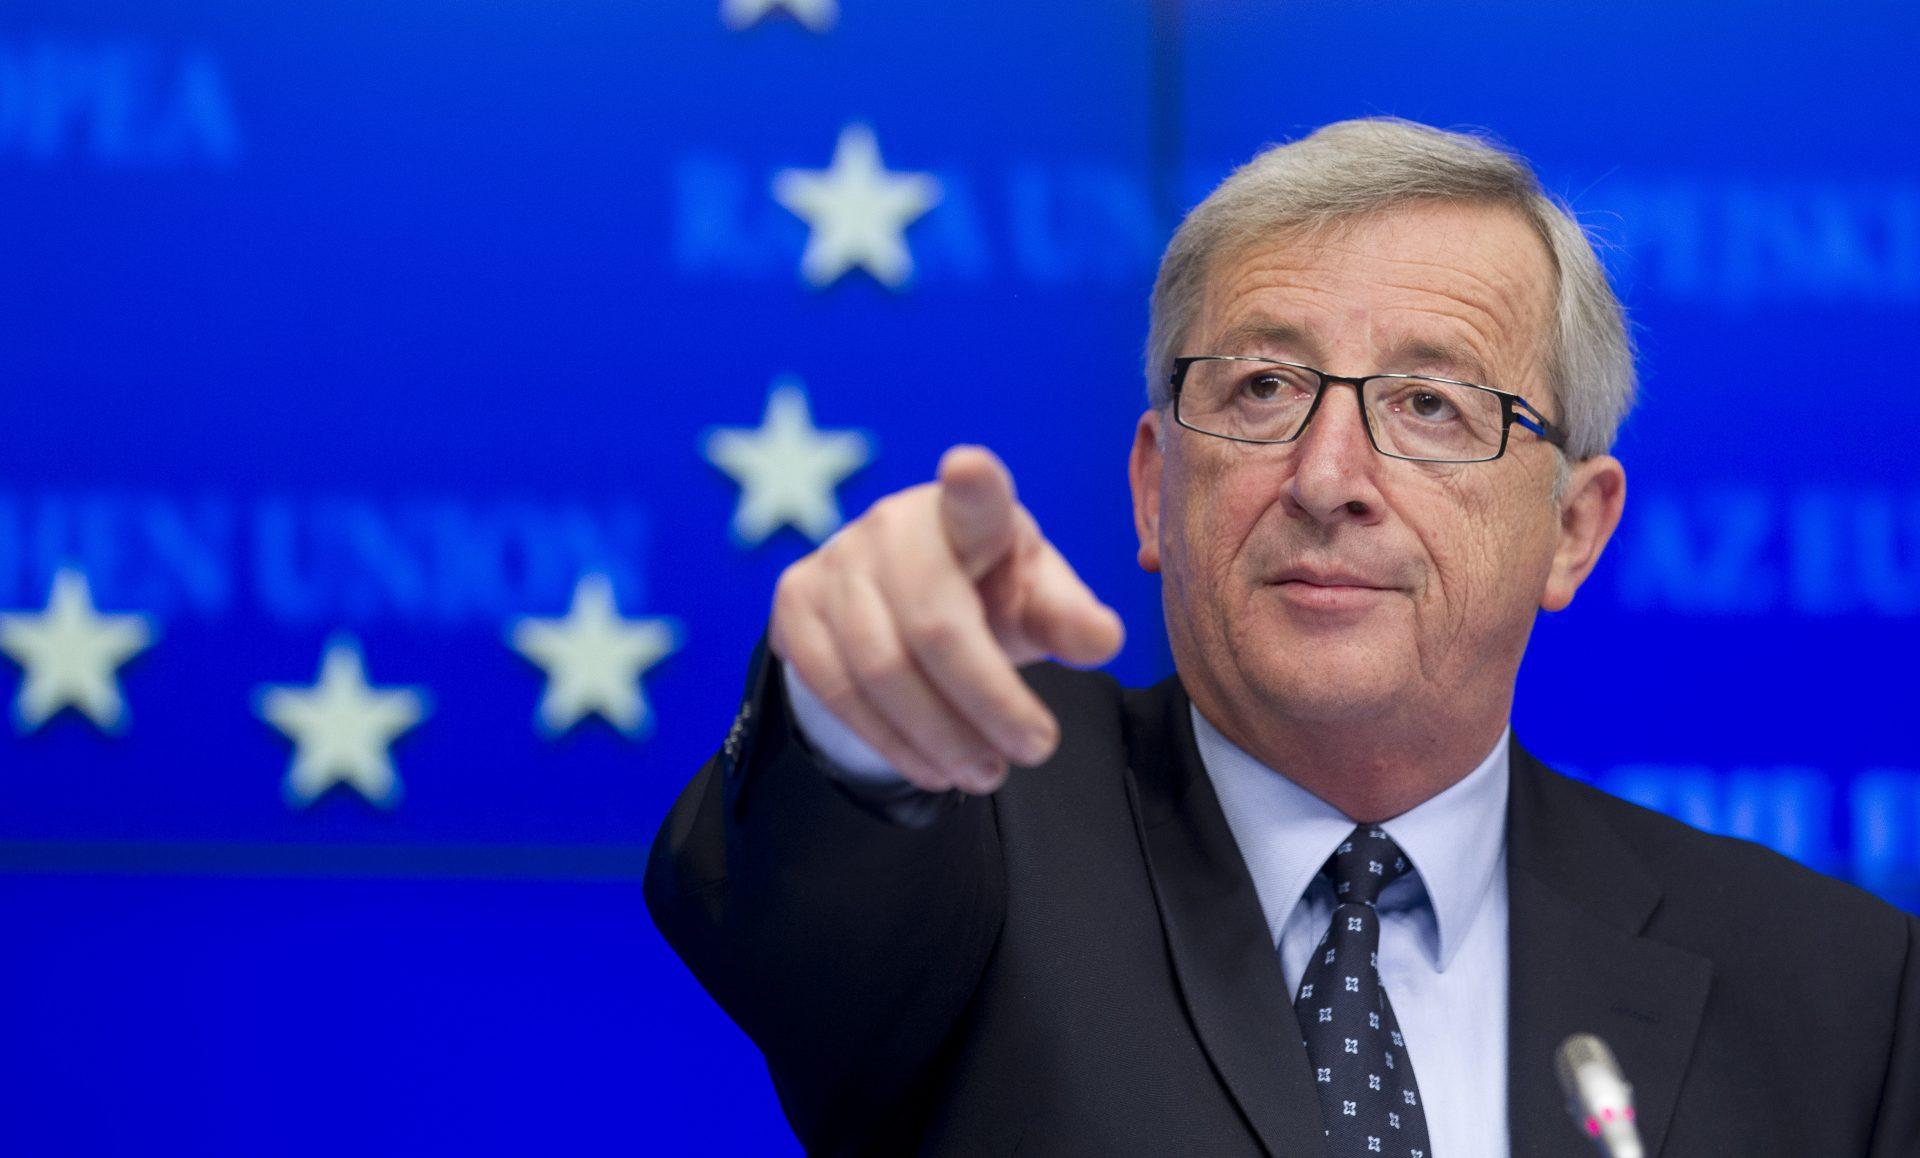 Viralul zilei: Juncker, sprijinit de alți lideri în timpul summit-ului NATO